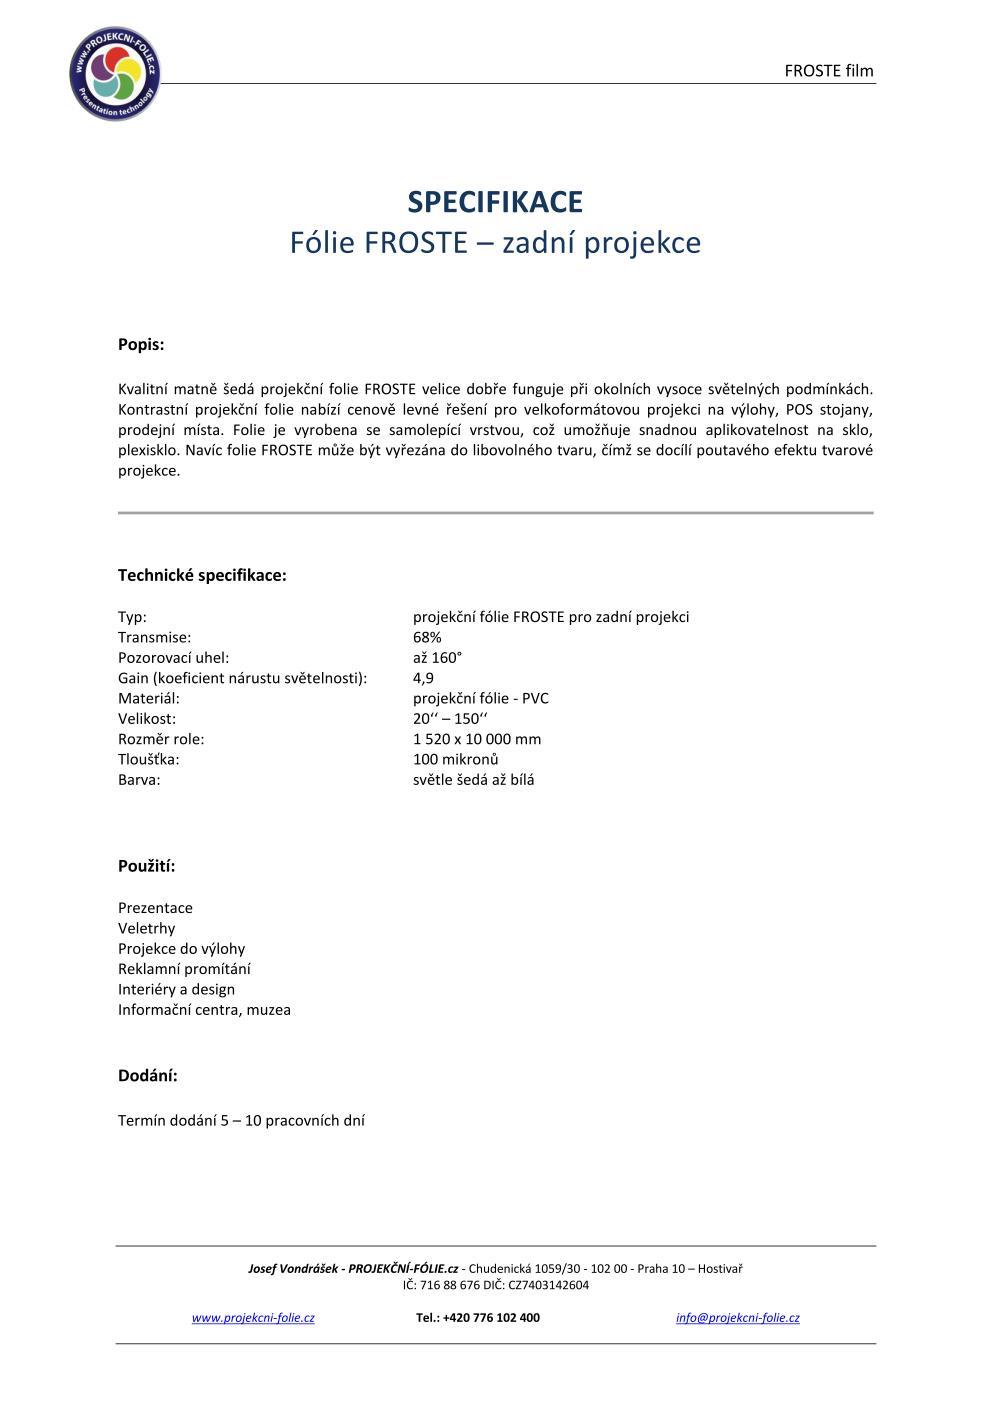 Specifikace FROSTE Film